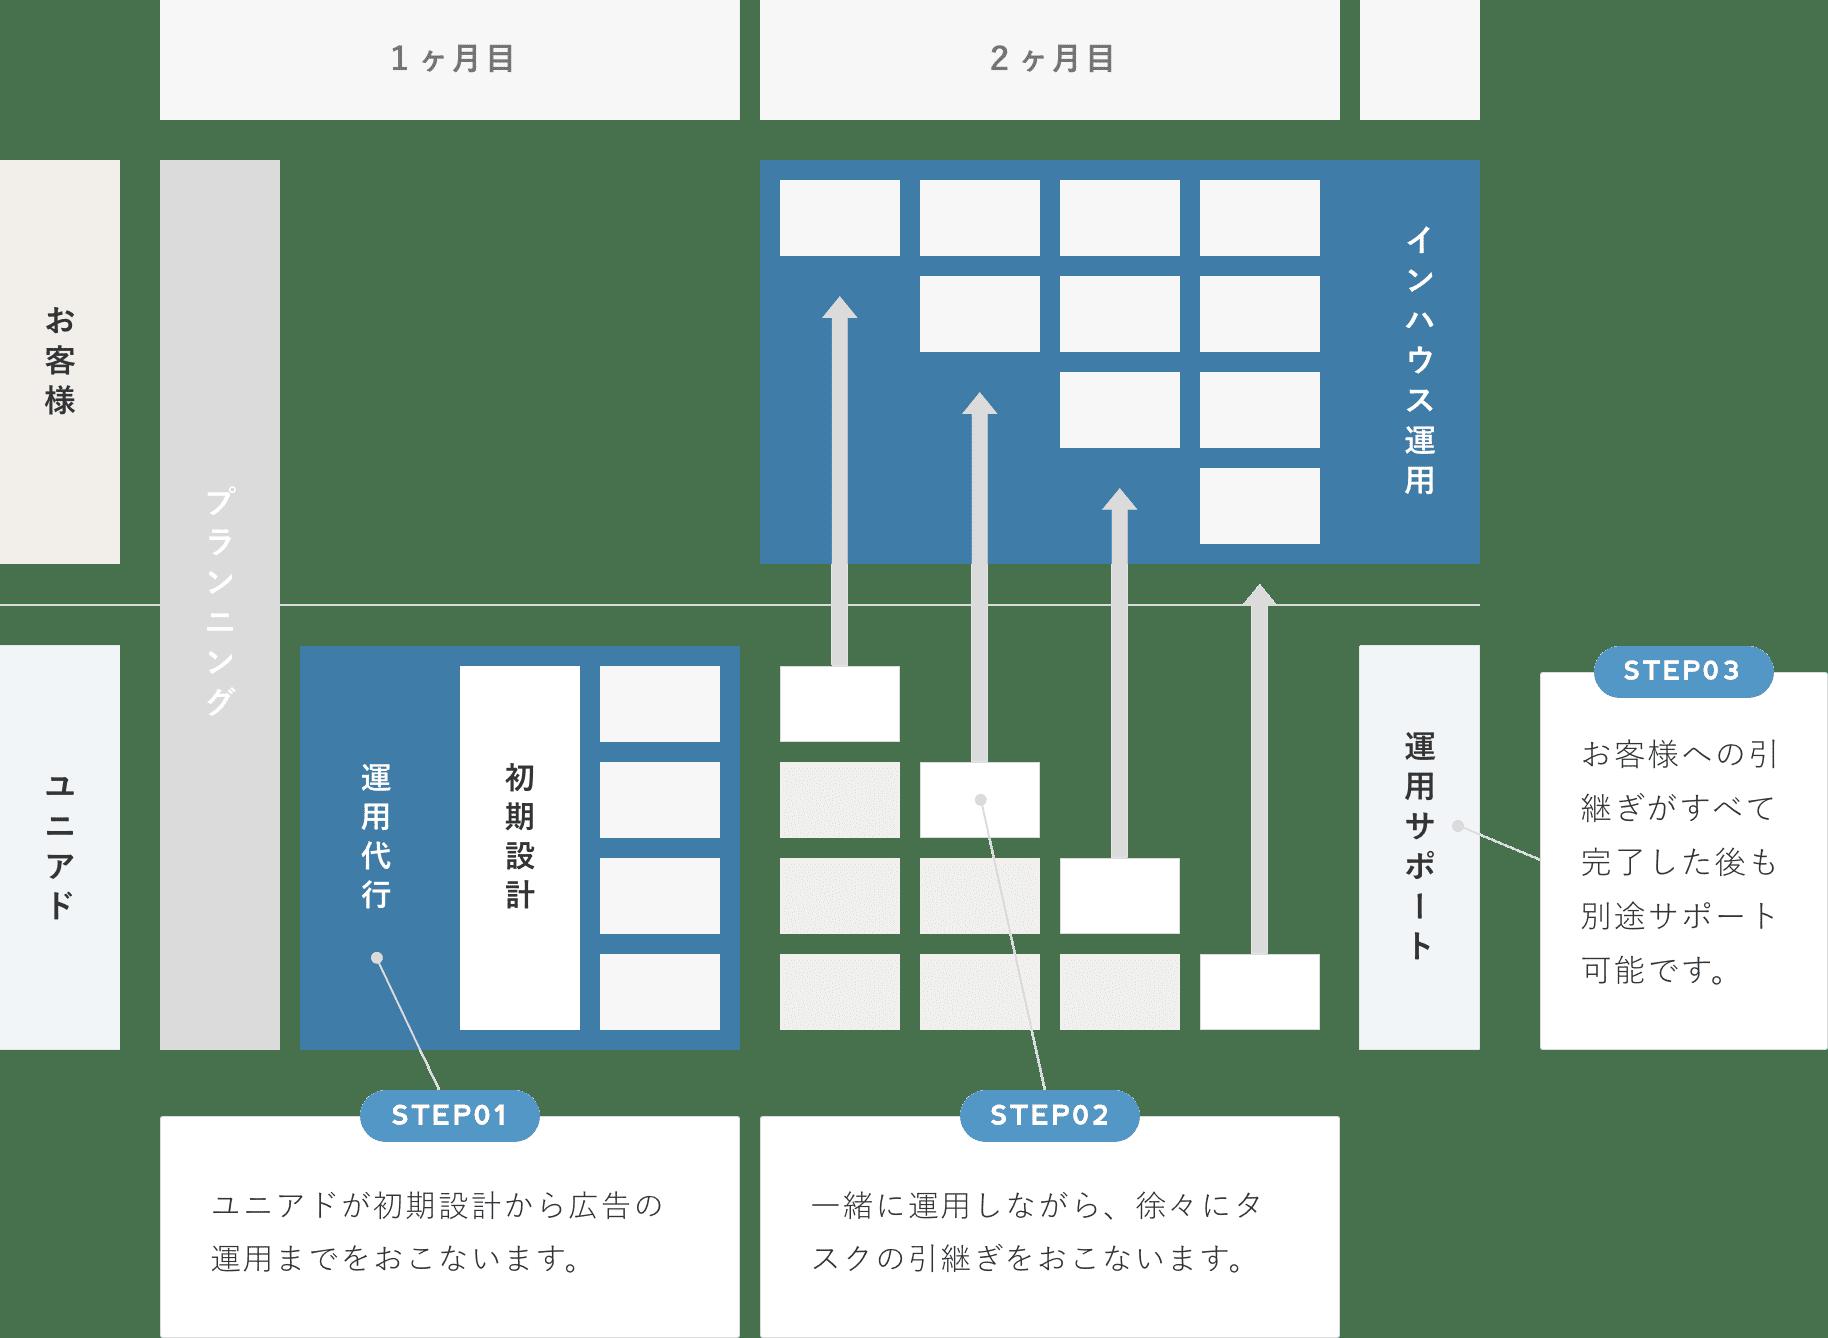 インハウス支援のスケジュール例